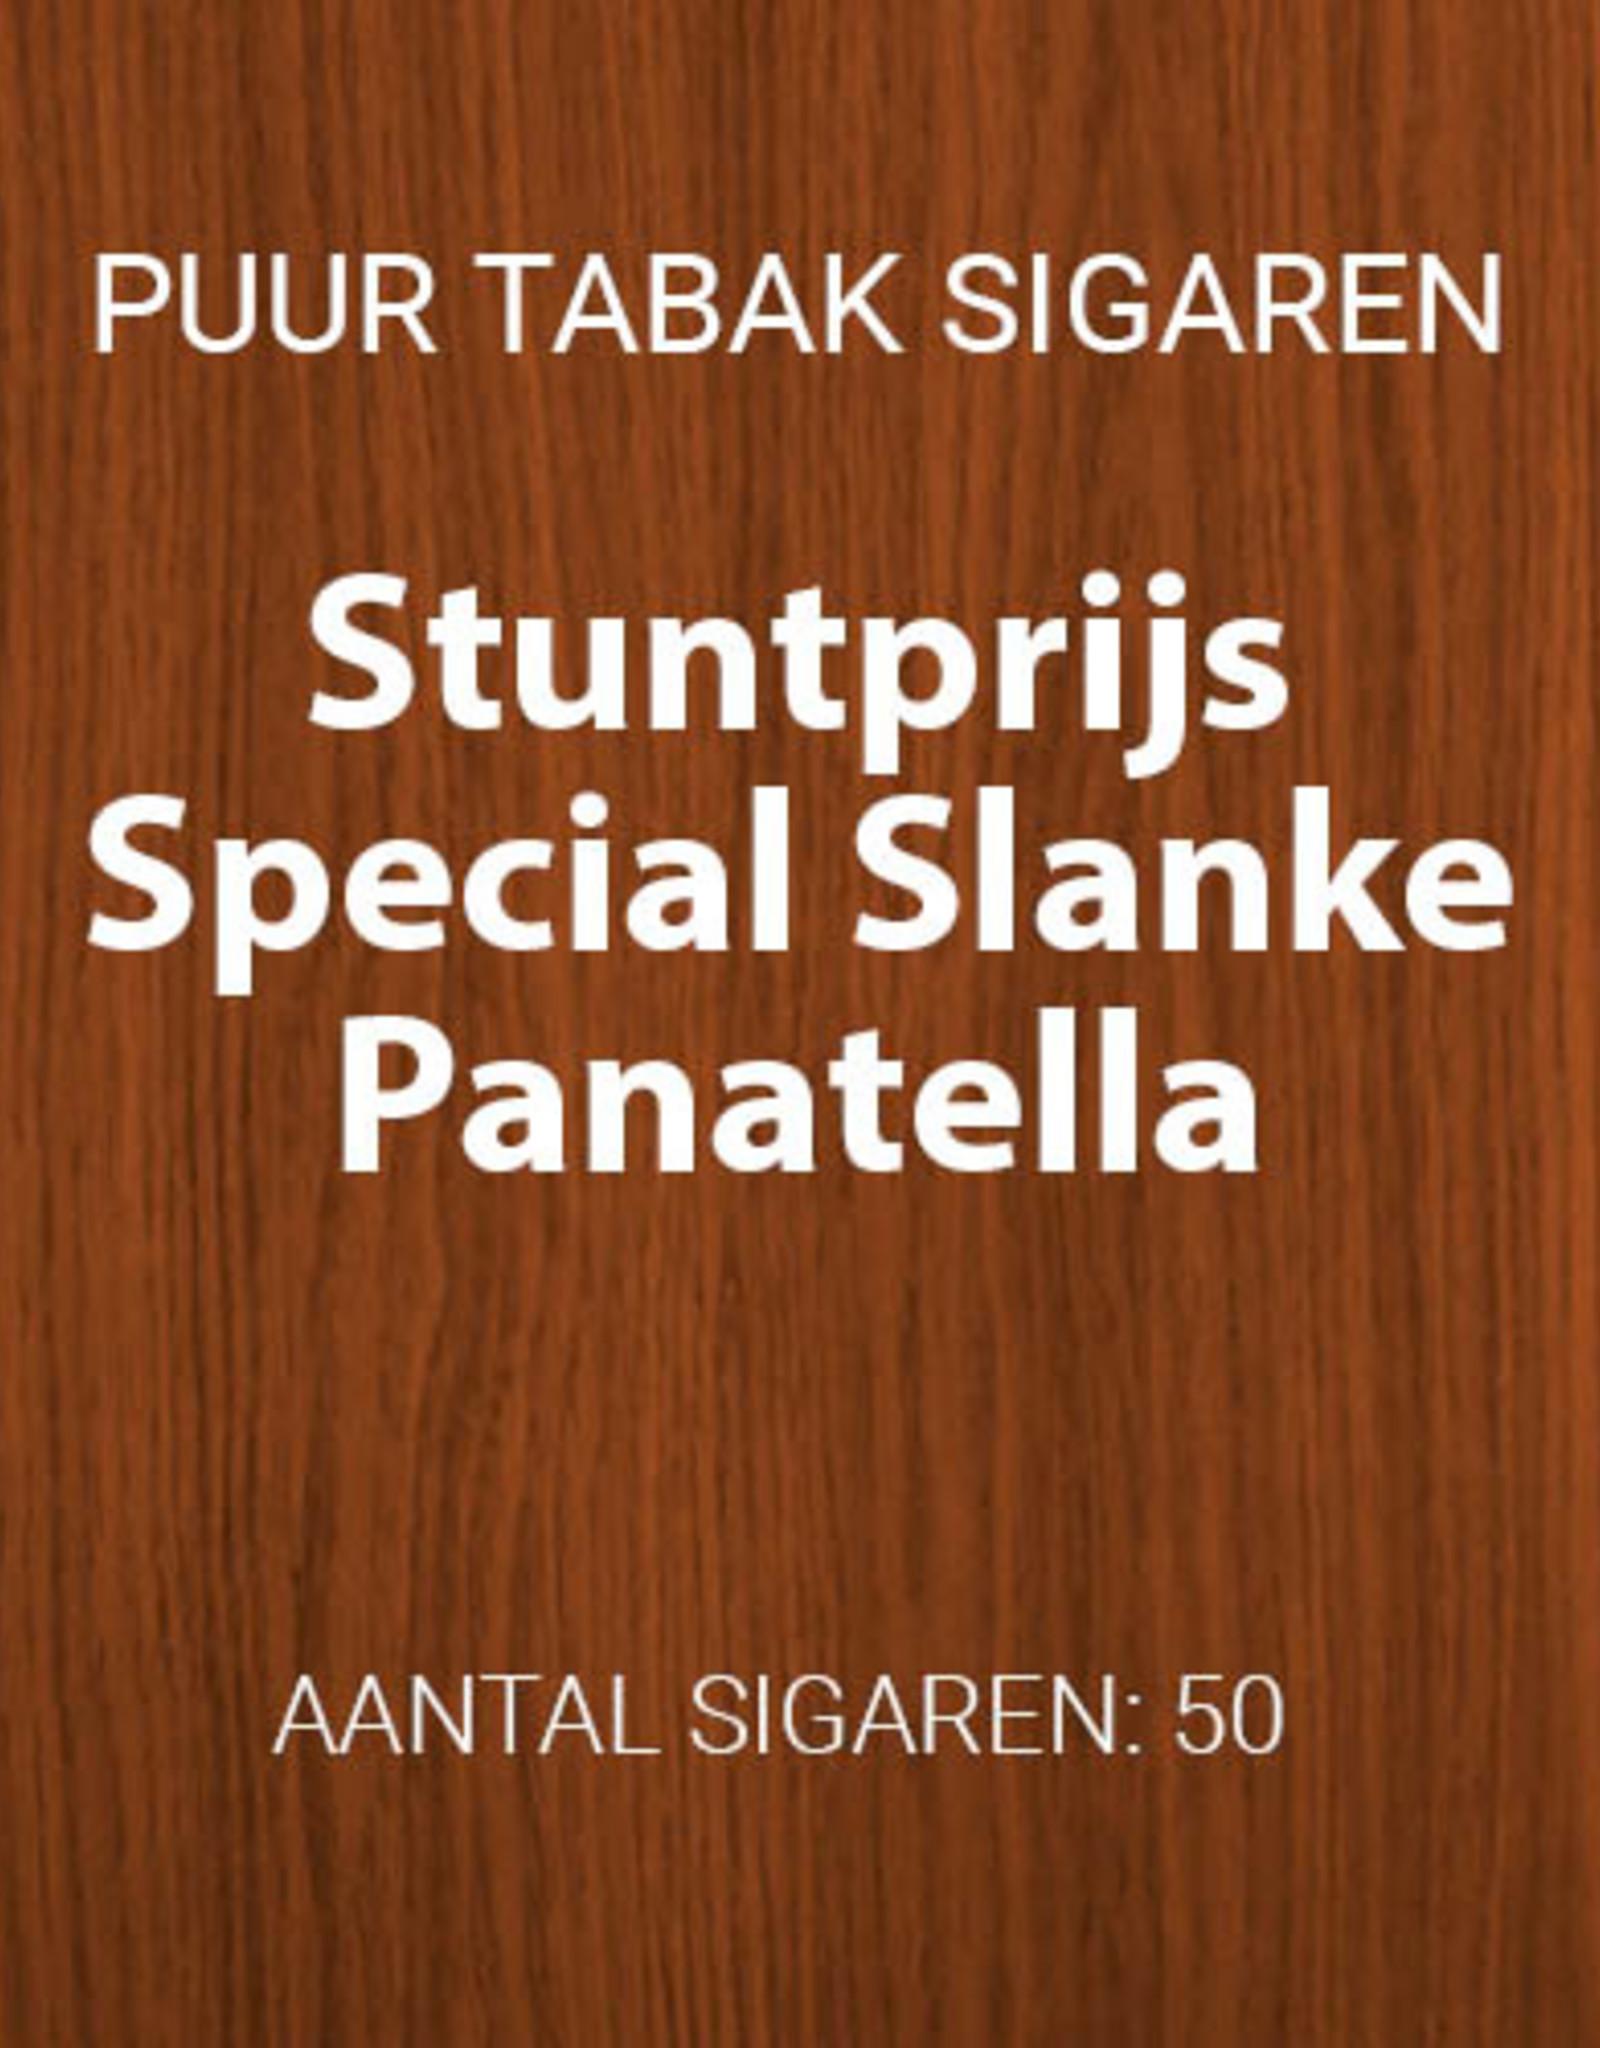 Stuntprijs Slanke Panatella